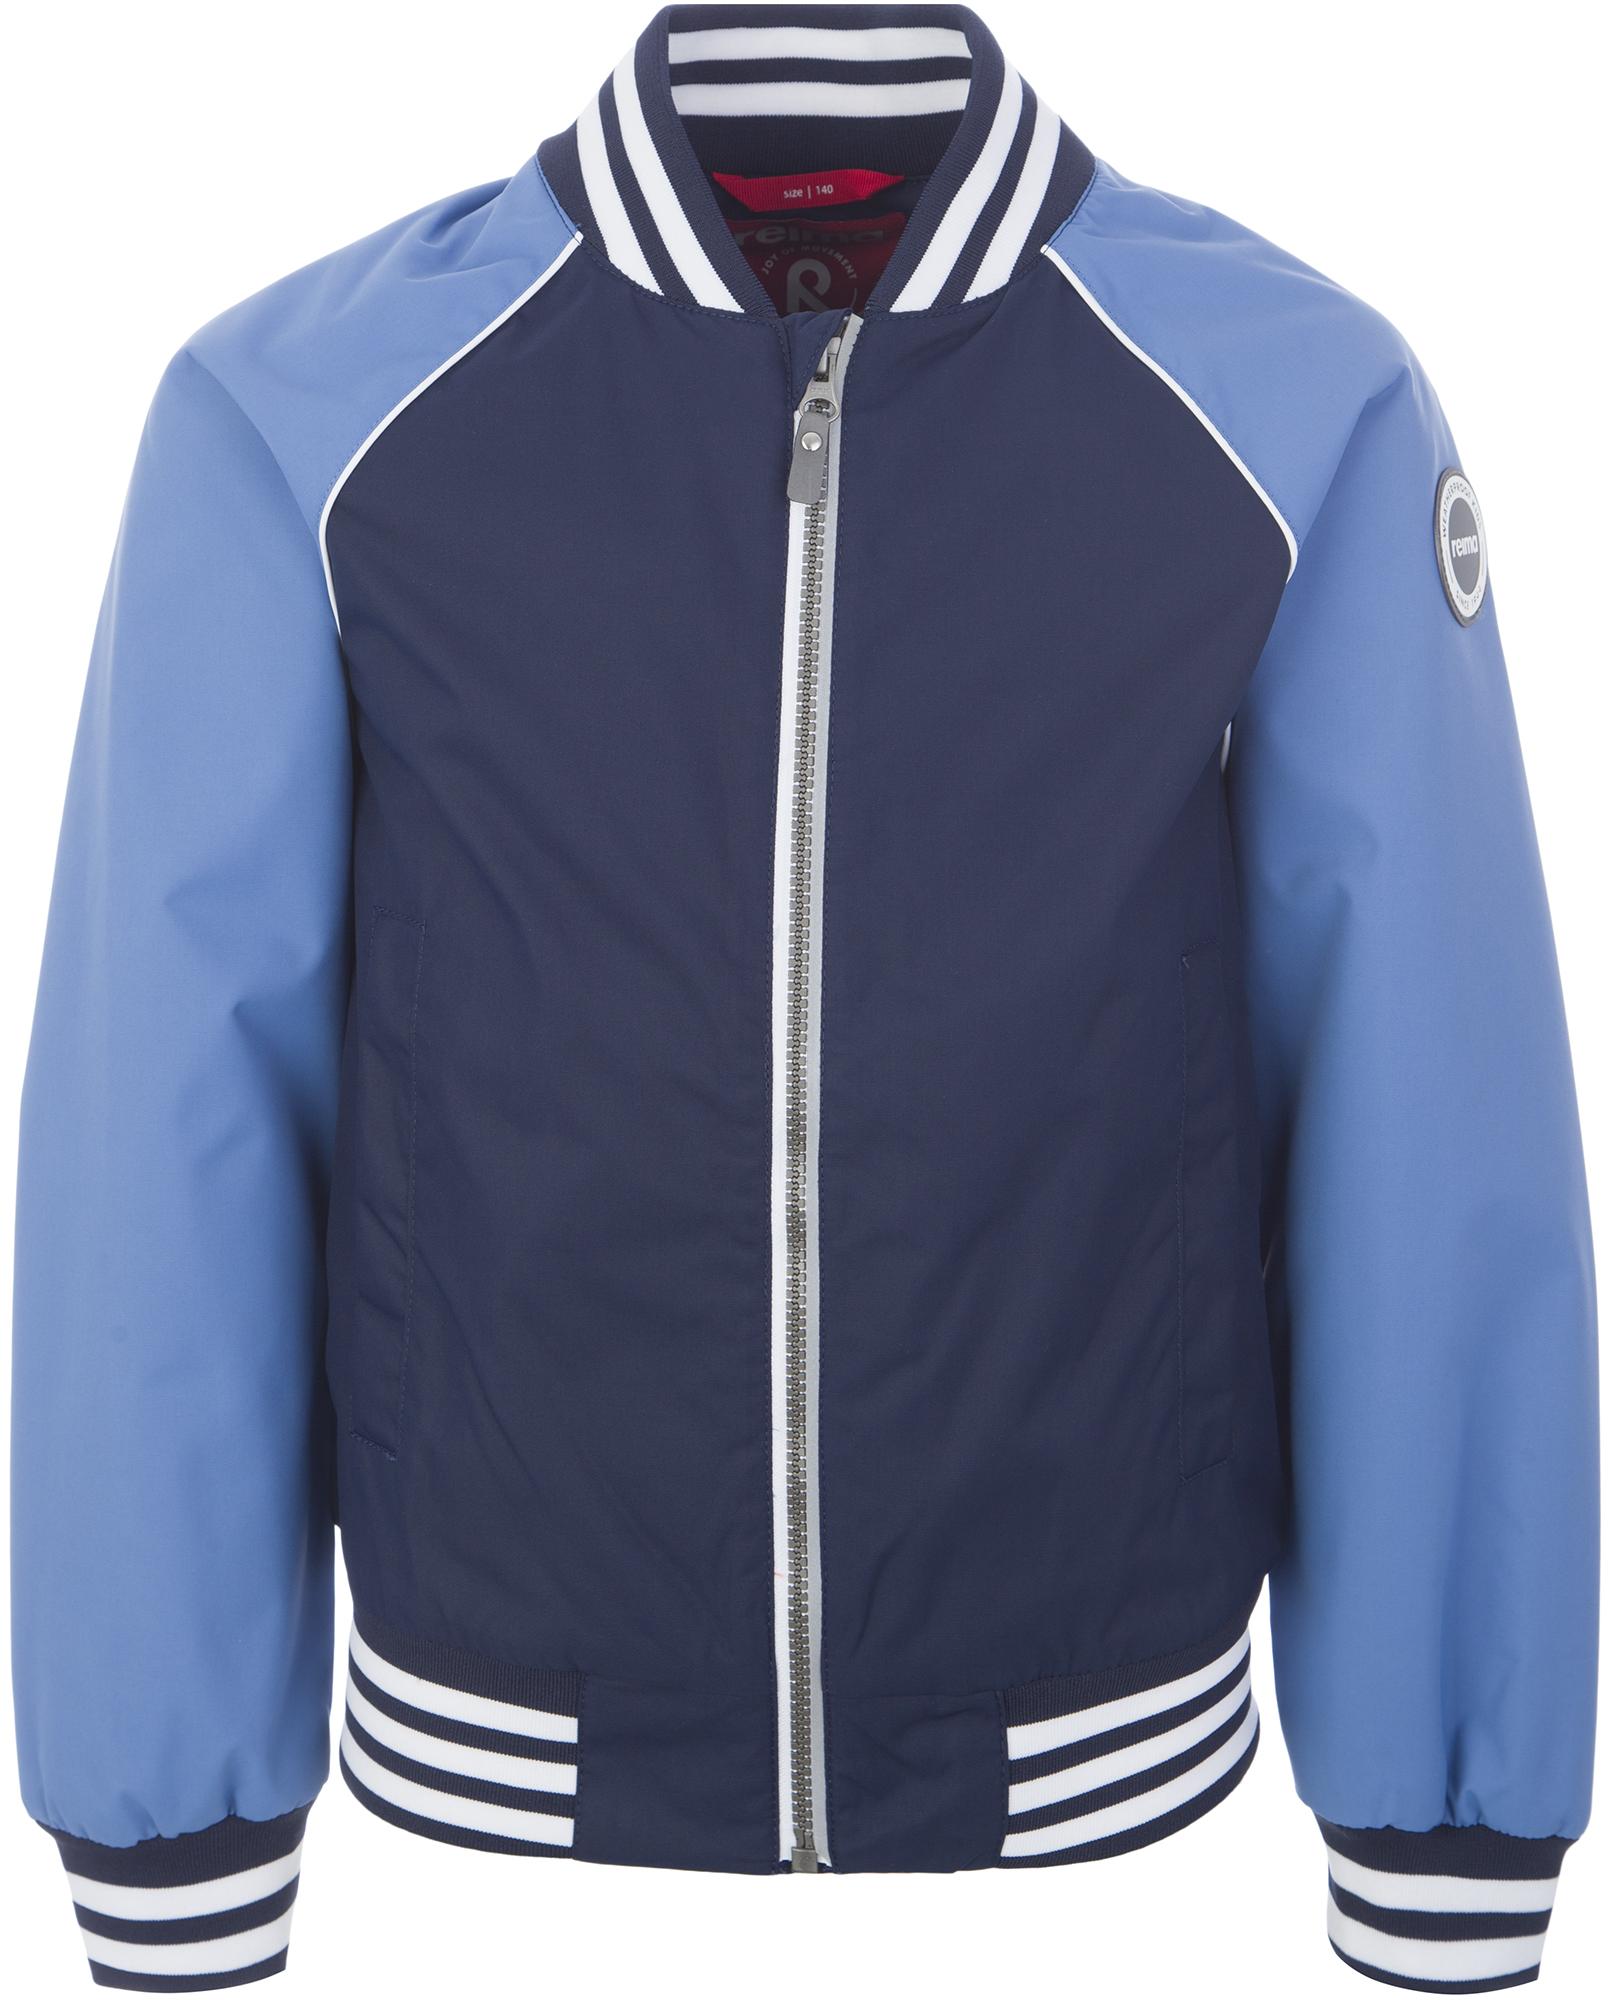 Reima Куртка утепленная для мальчиков Reima Aarre, размер 140 куртка для девочки reima цвет розовый 5313864410 размер 110